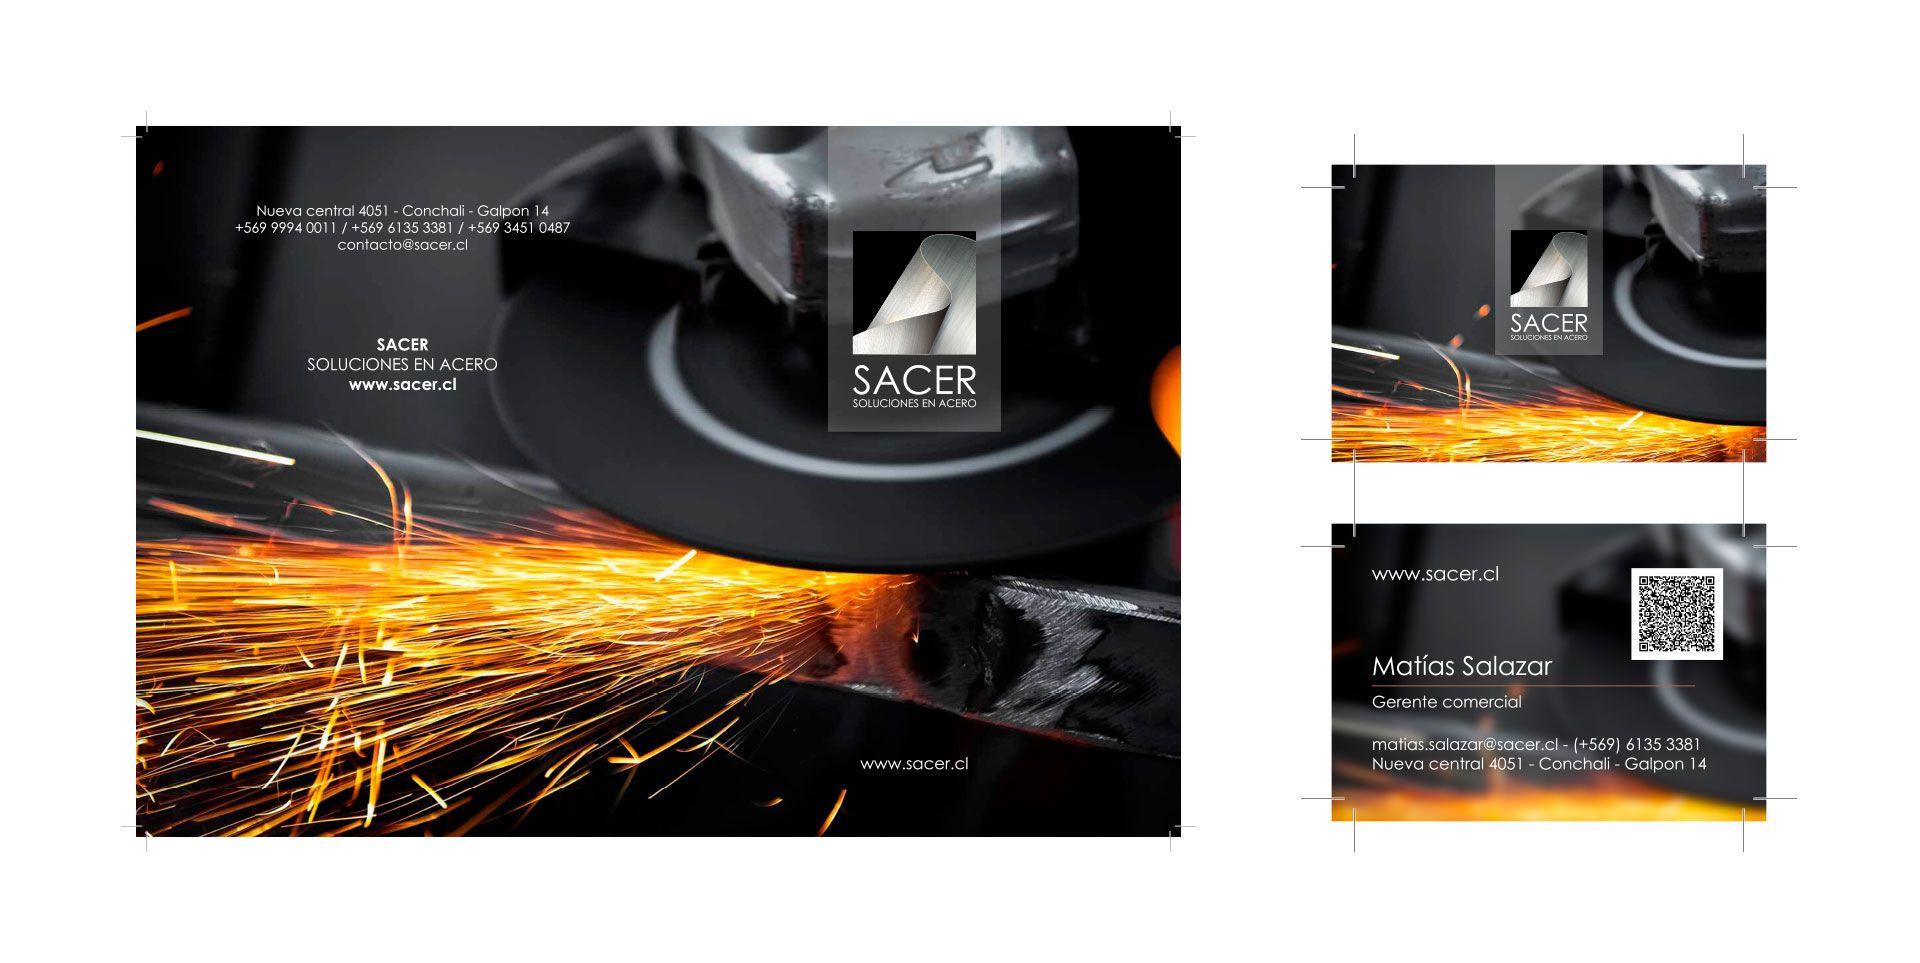 sacer-imprenta-002